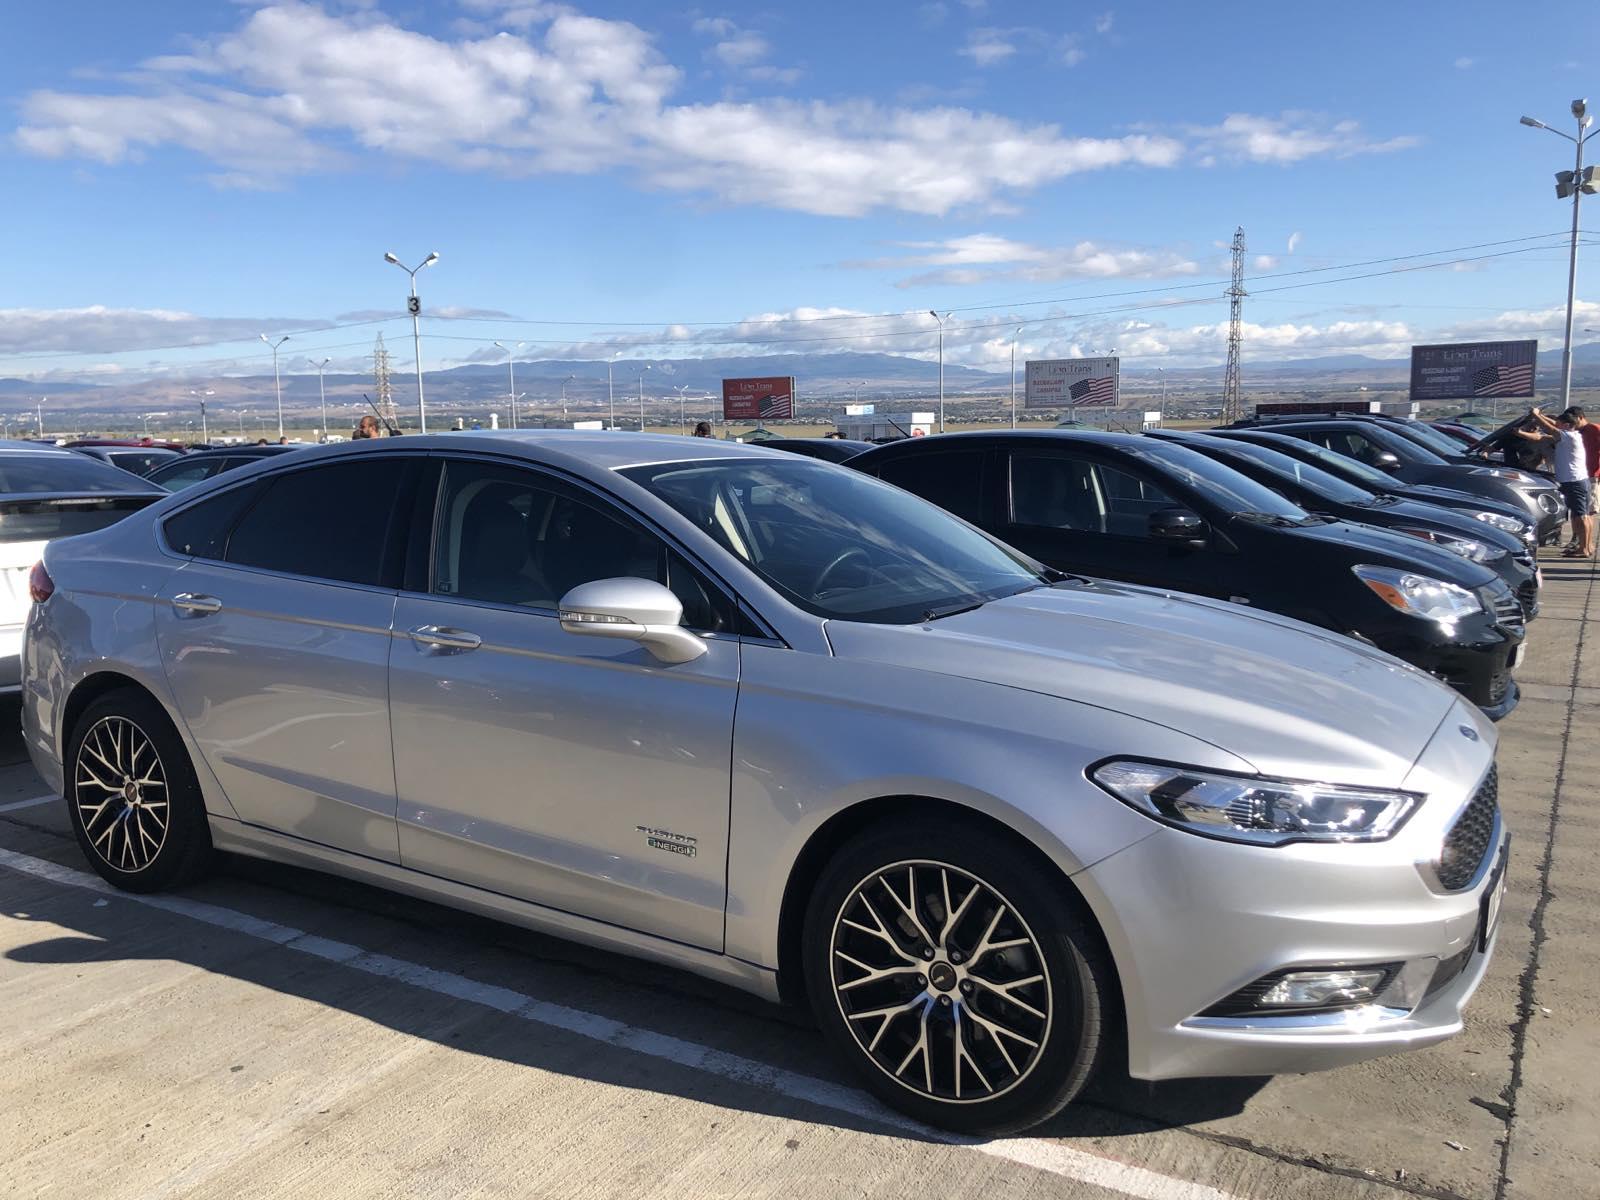 Ford Fusion 2.0(lt) 2017 İkinci əl  $14200